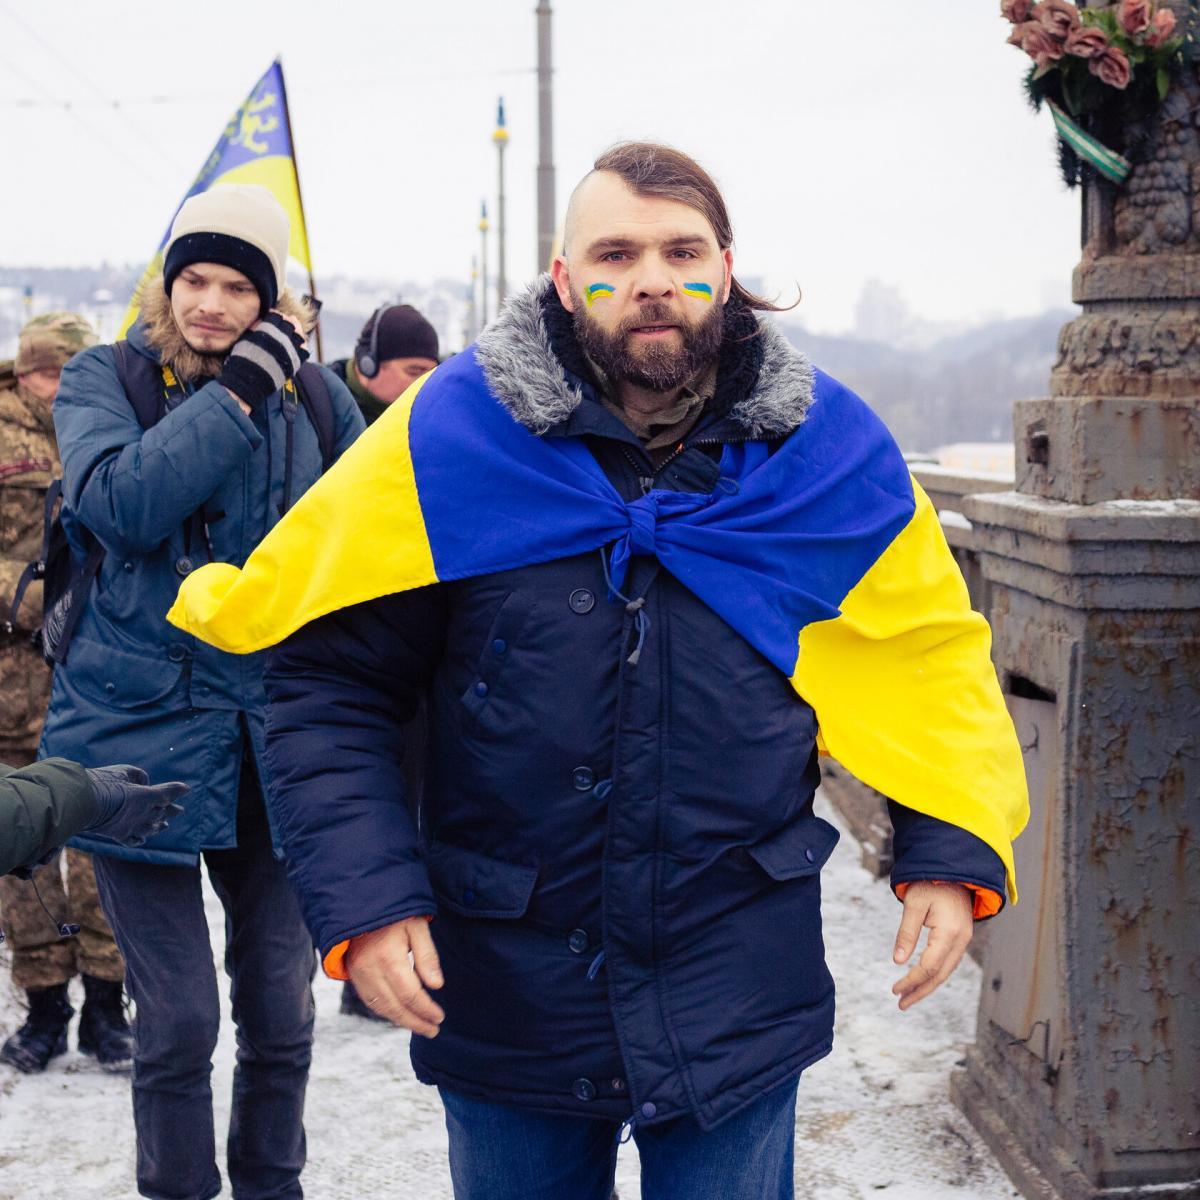 Вадим Васильчук: Акція об'єднує усю країну / sobornist.org.ua/